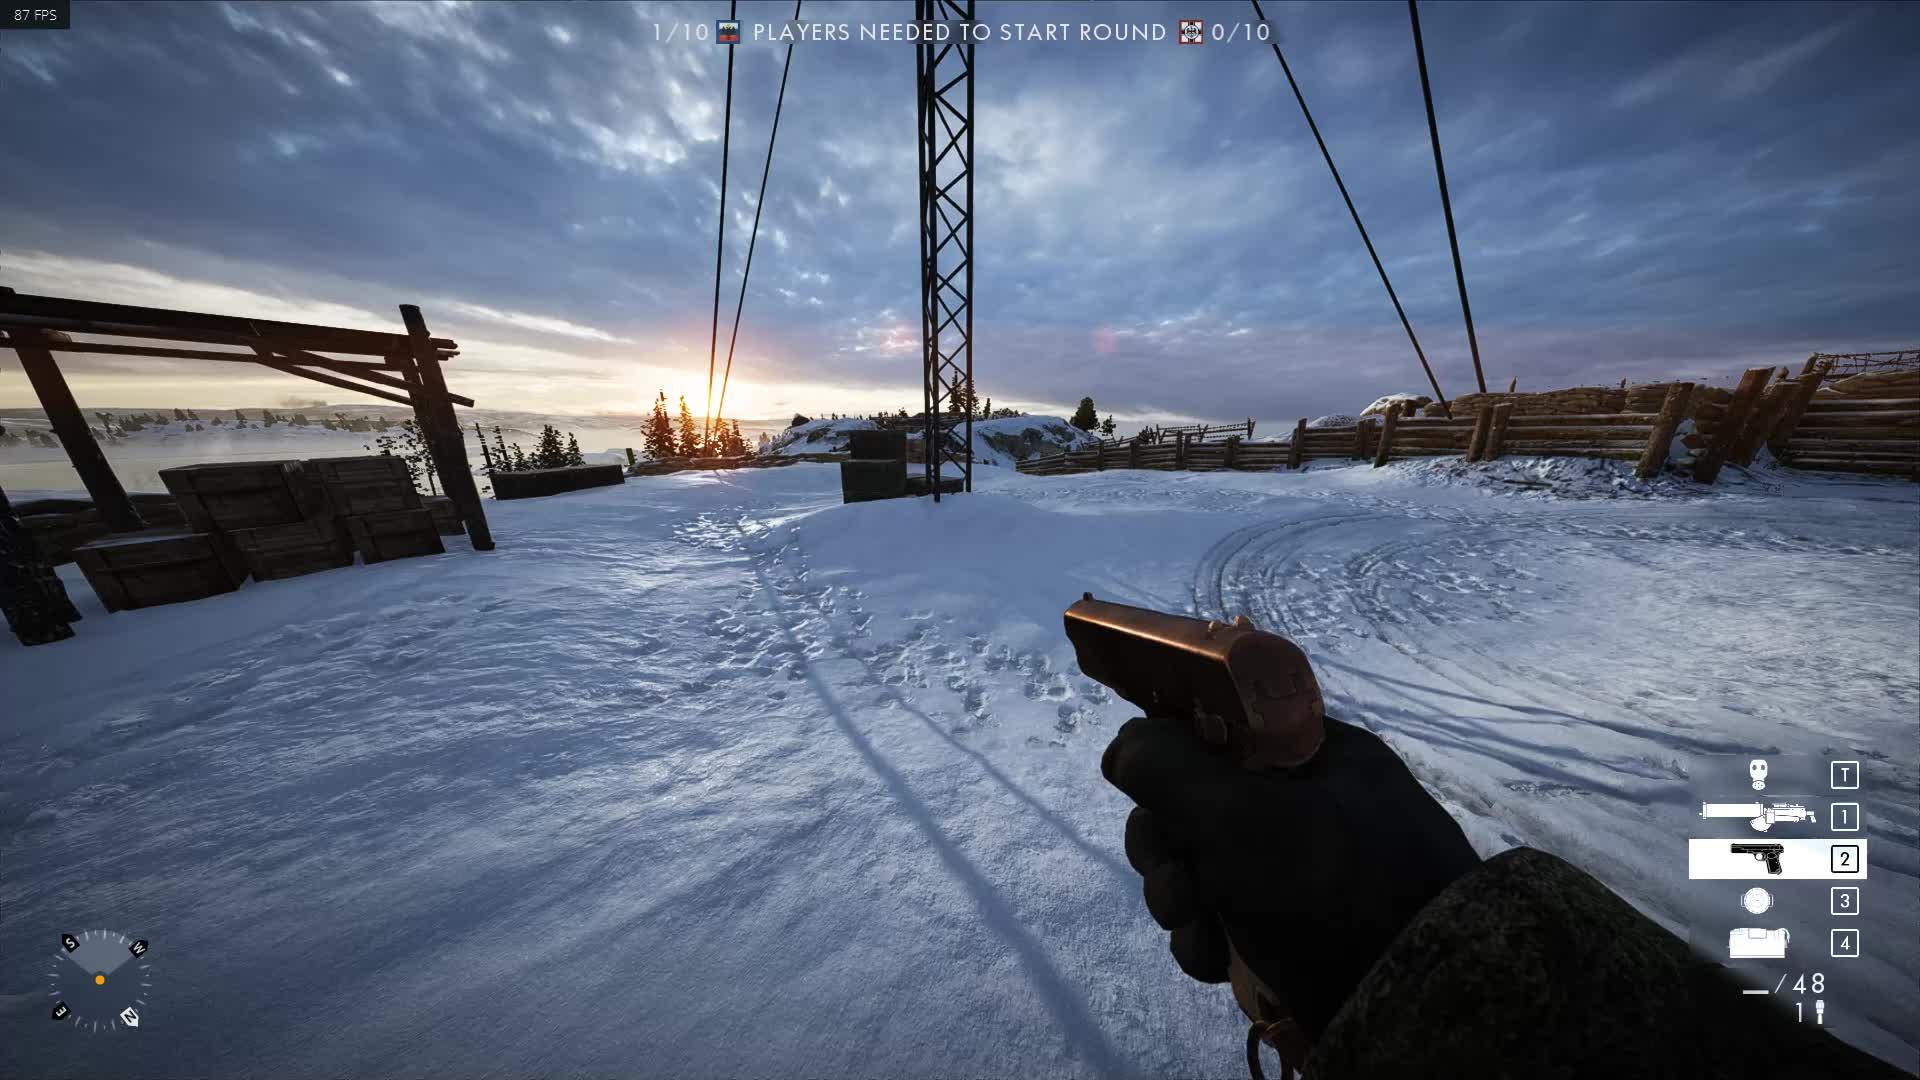 battlefield1, Battlefield 1 2019.02.09 - 17.17.50.02 GIFs